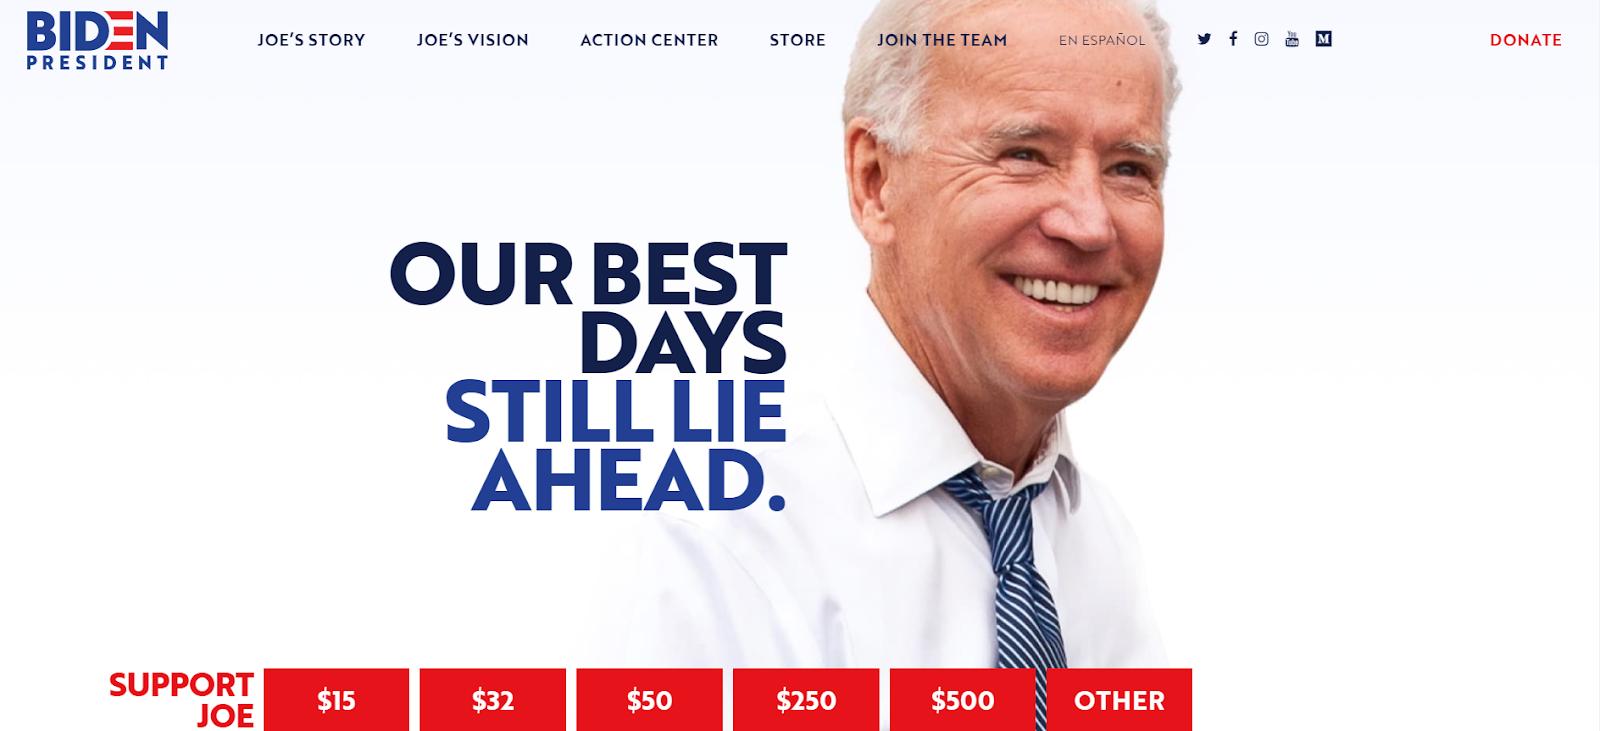 Joe Biden Website